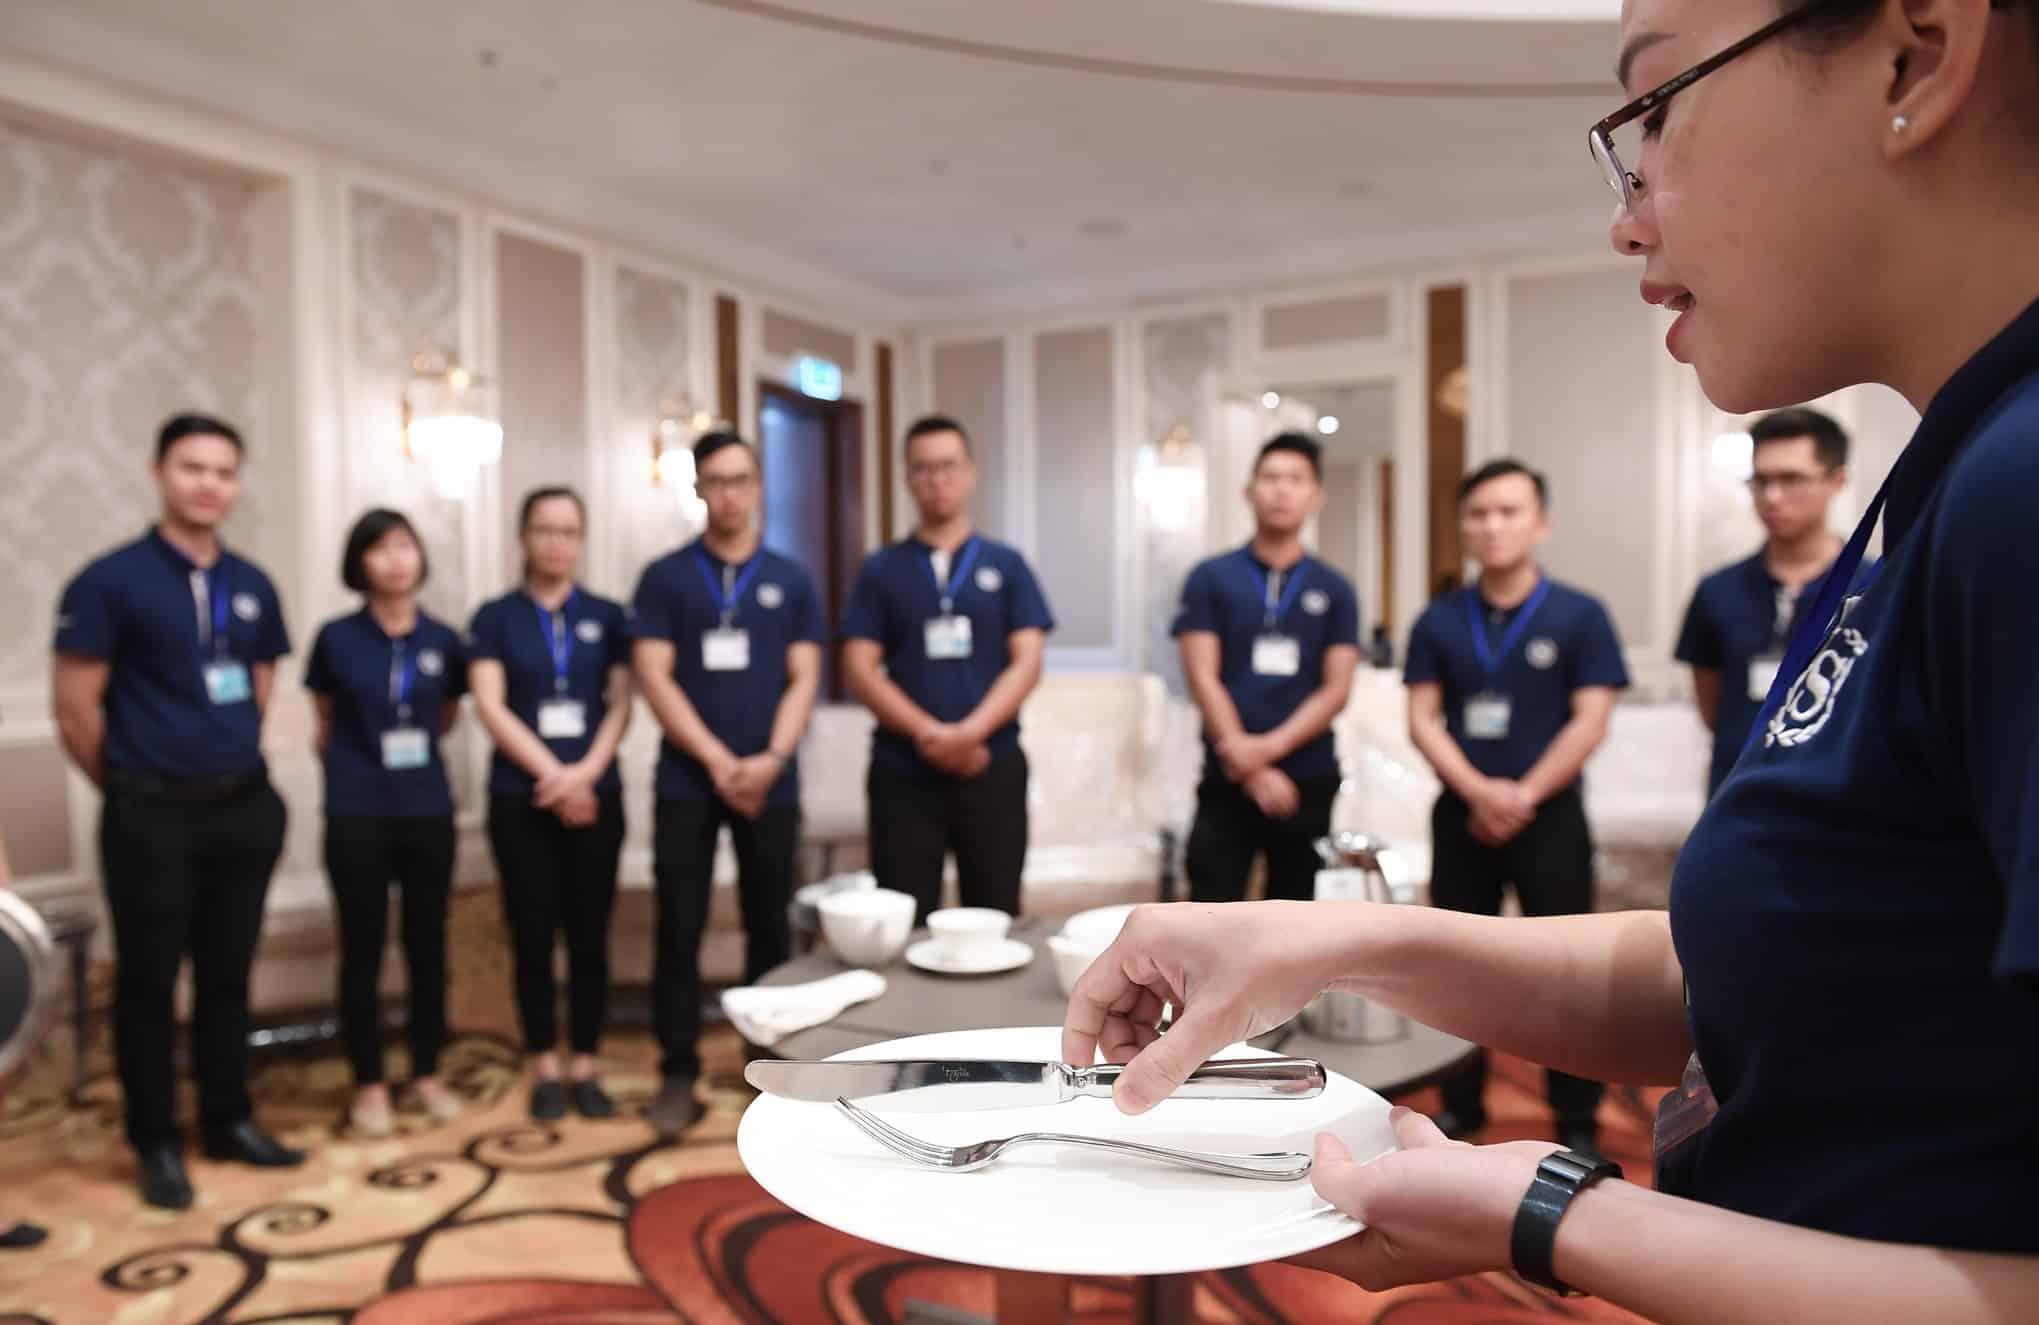 Cross-training là gì? Những điều cần biết về Cross-training trong khách sạn